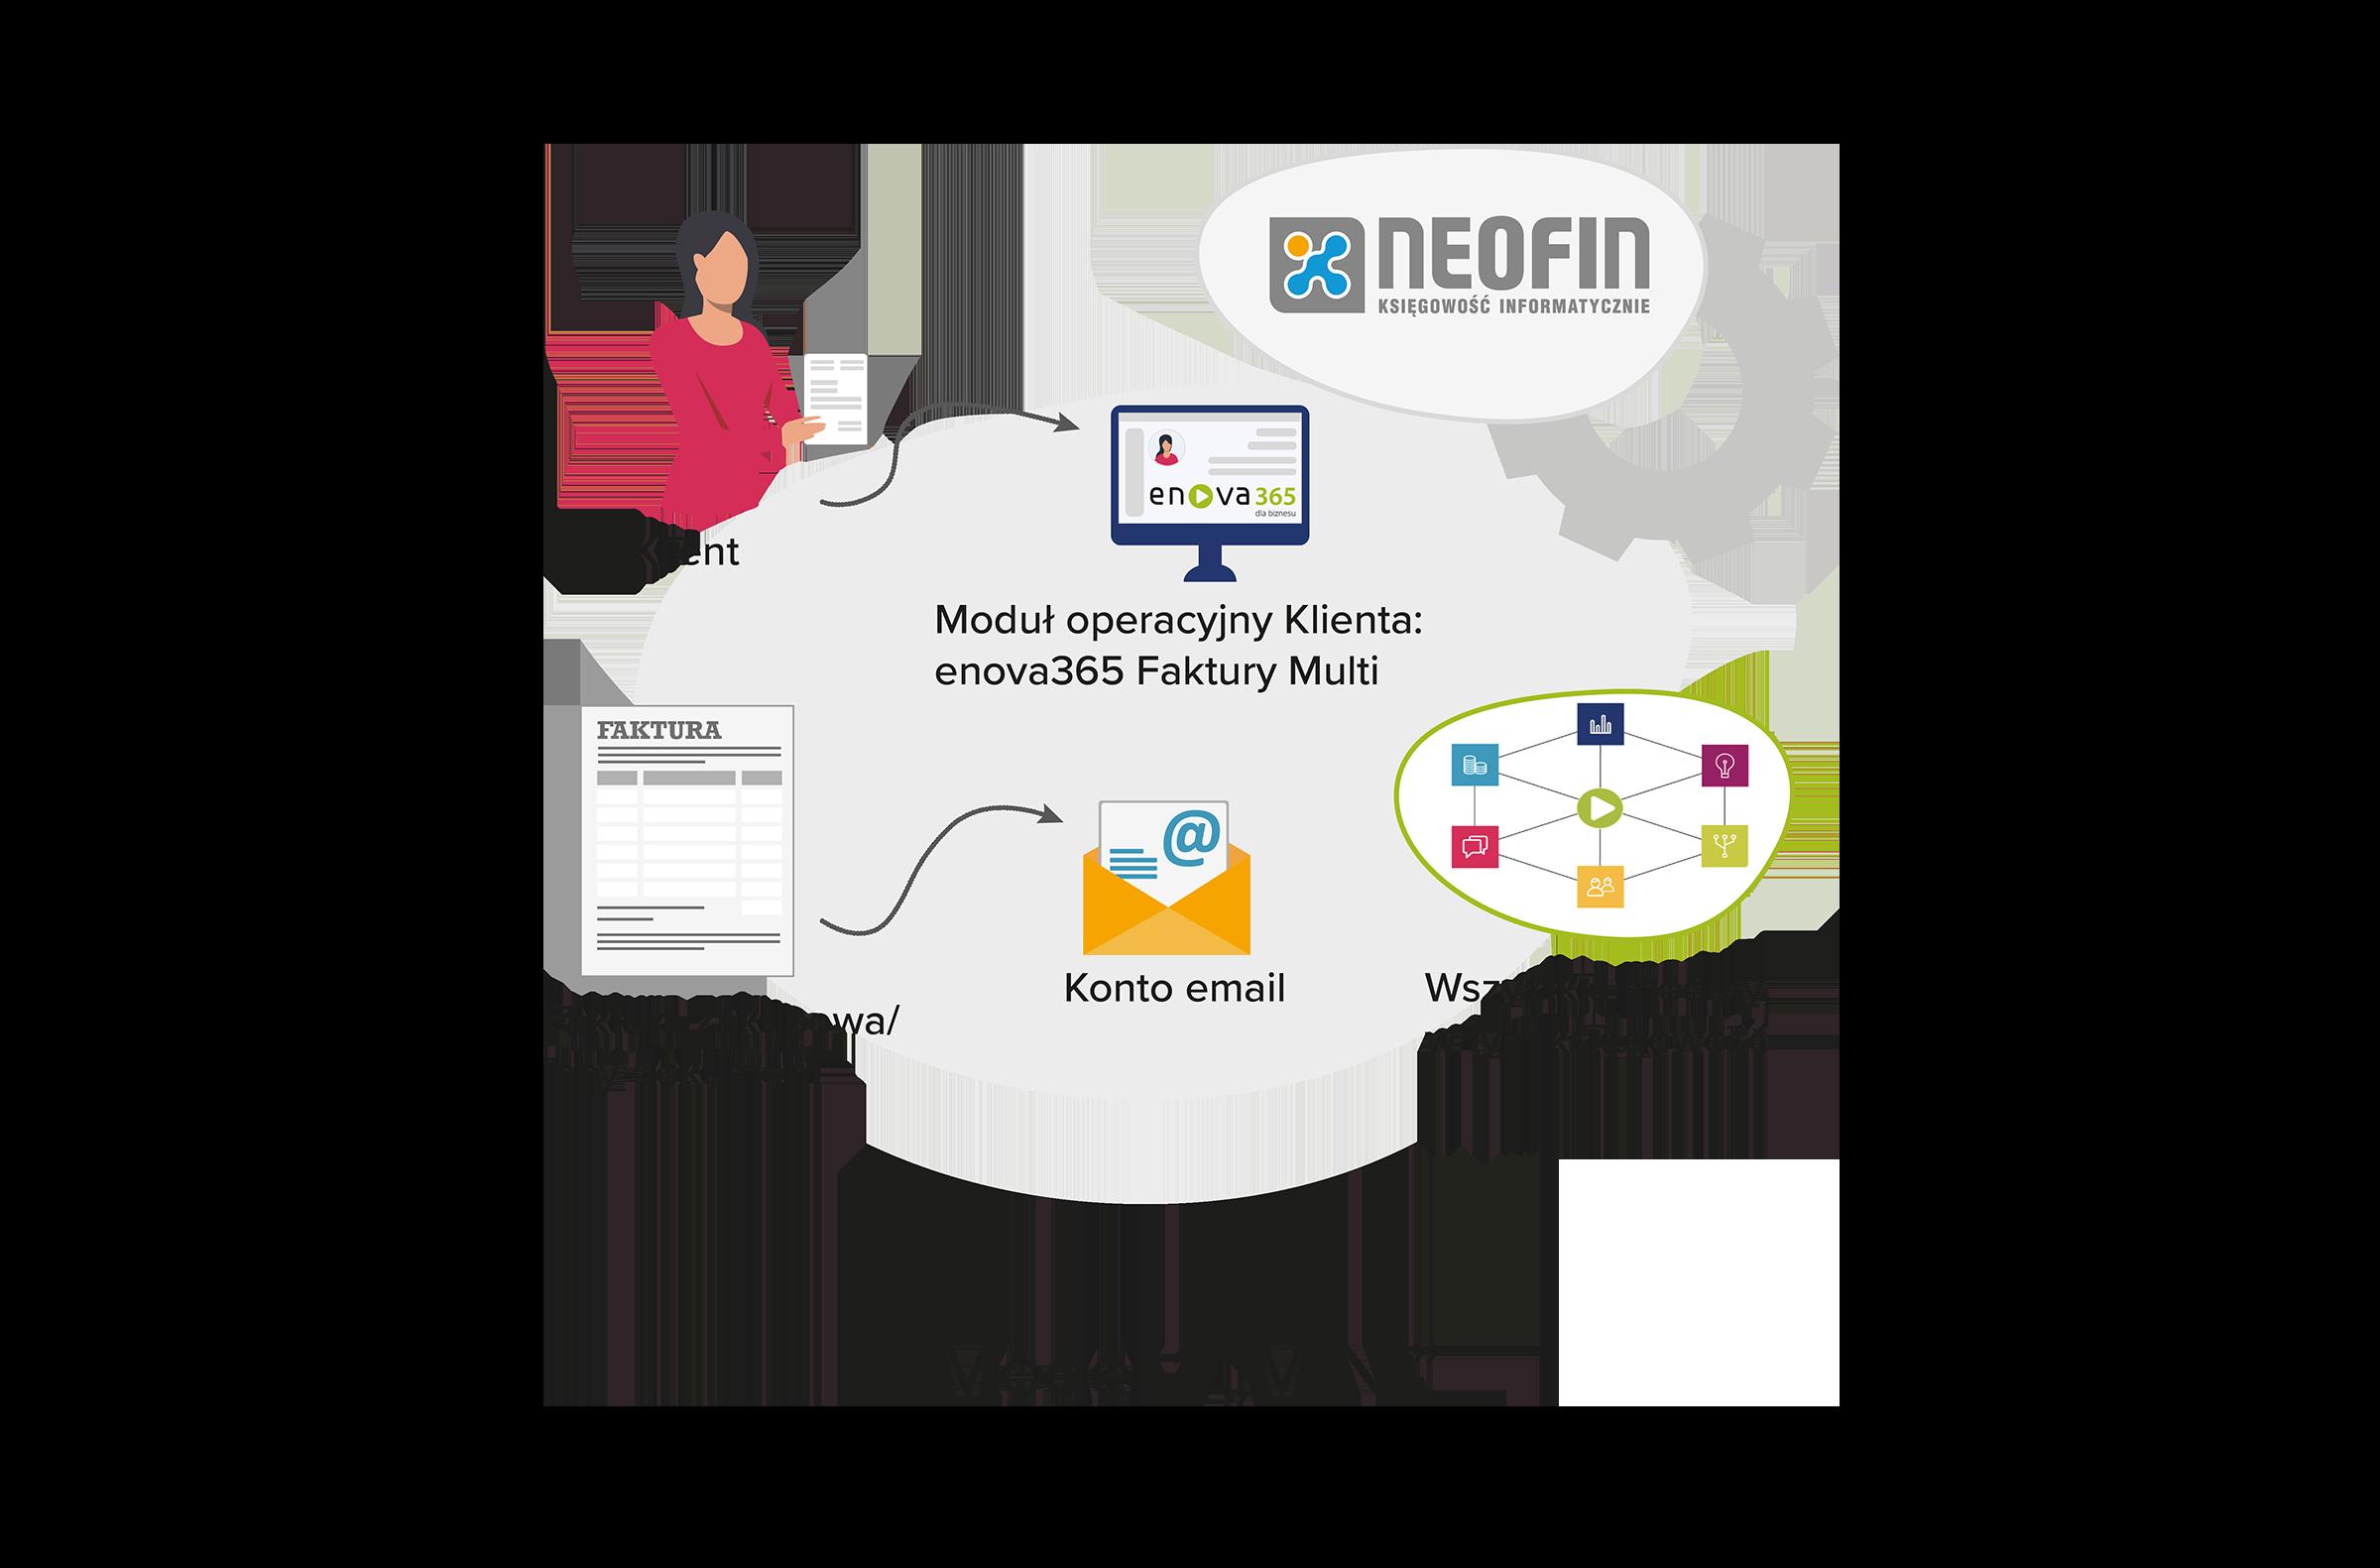 Model współpracy - MINI